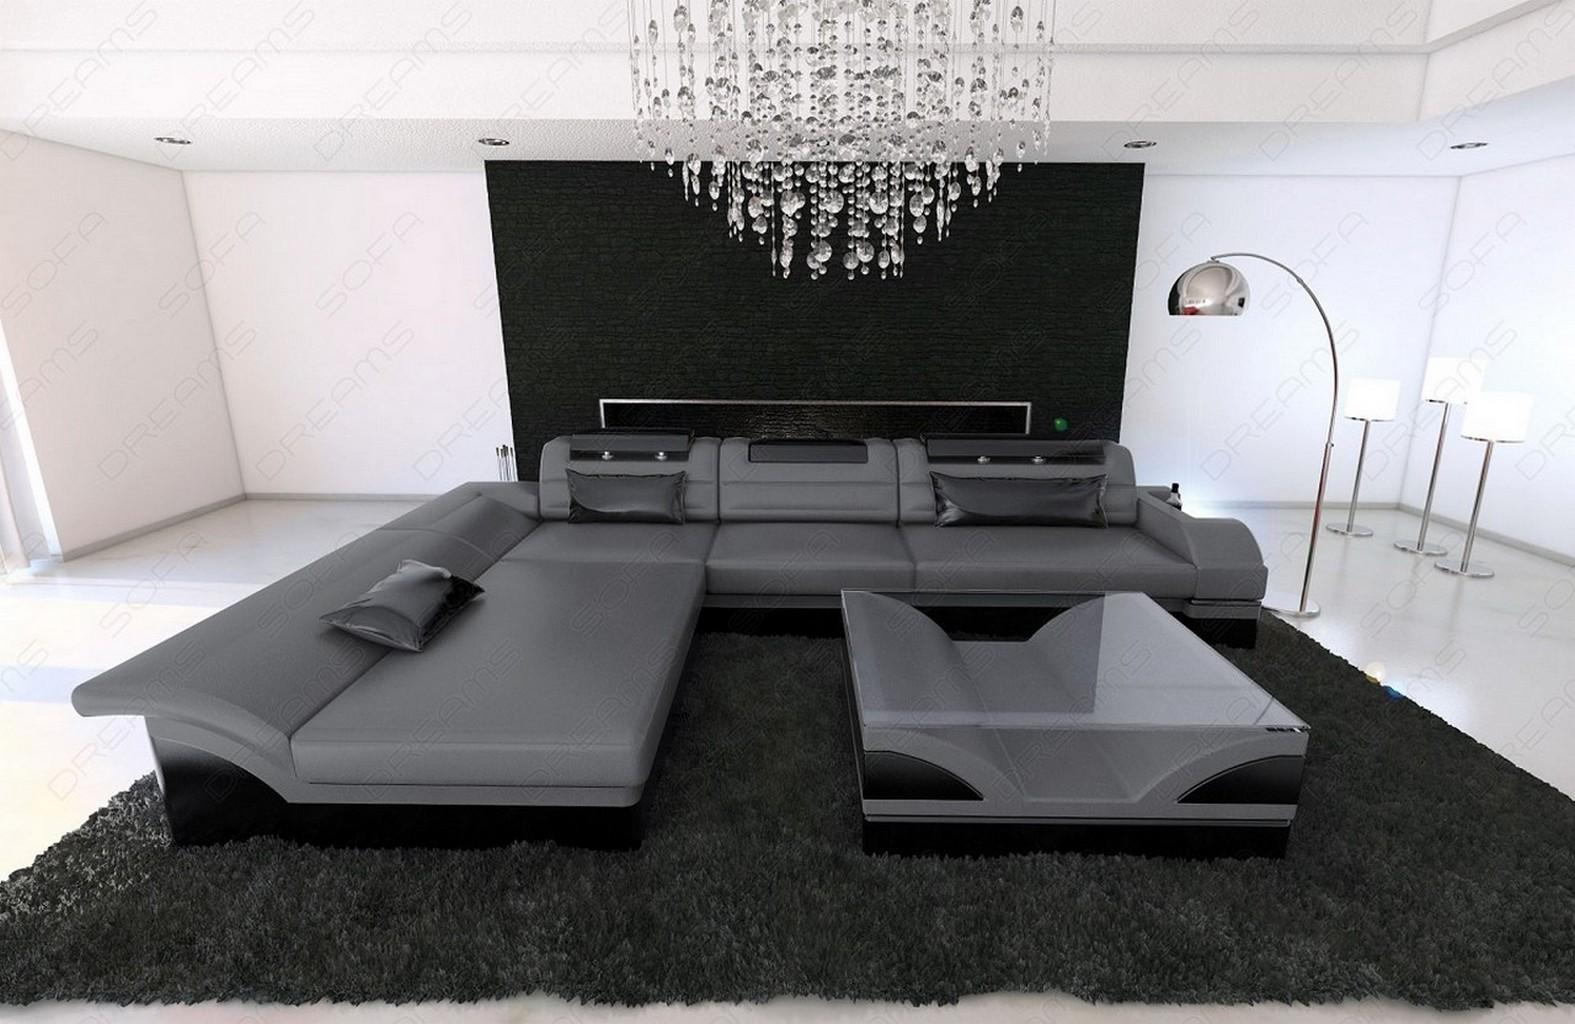 designersofa monza l form grau schwarz mit led beleuchtung ebay. Black Bedroom Furniture Sets. Home Design Ideas